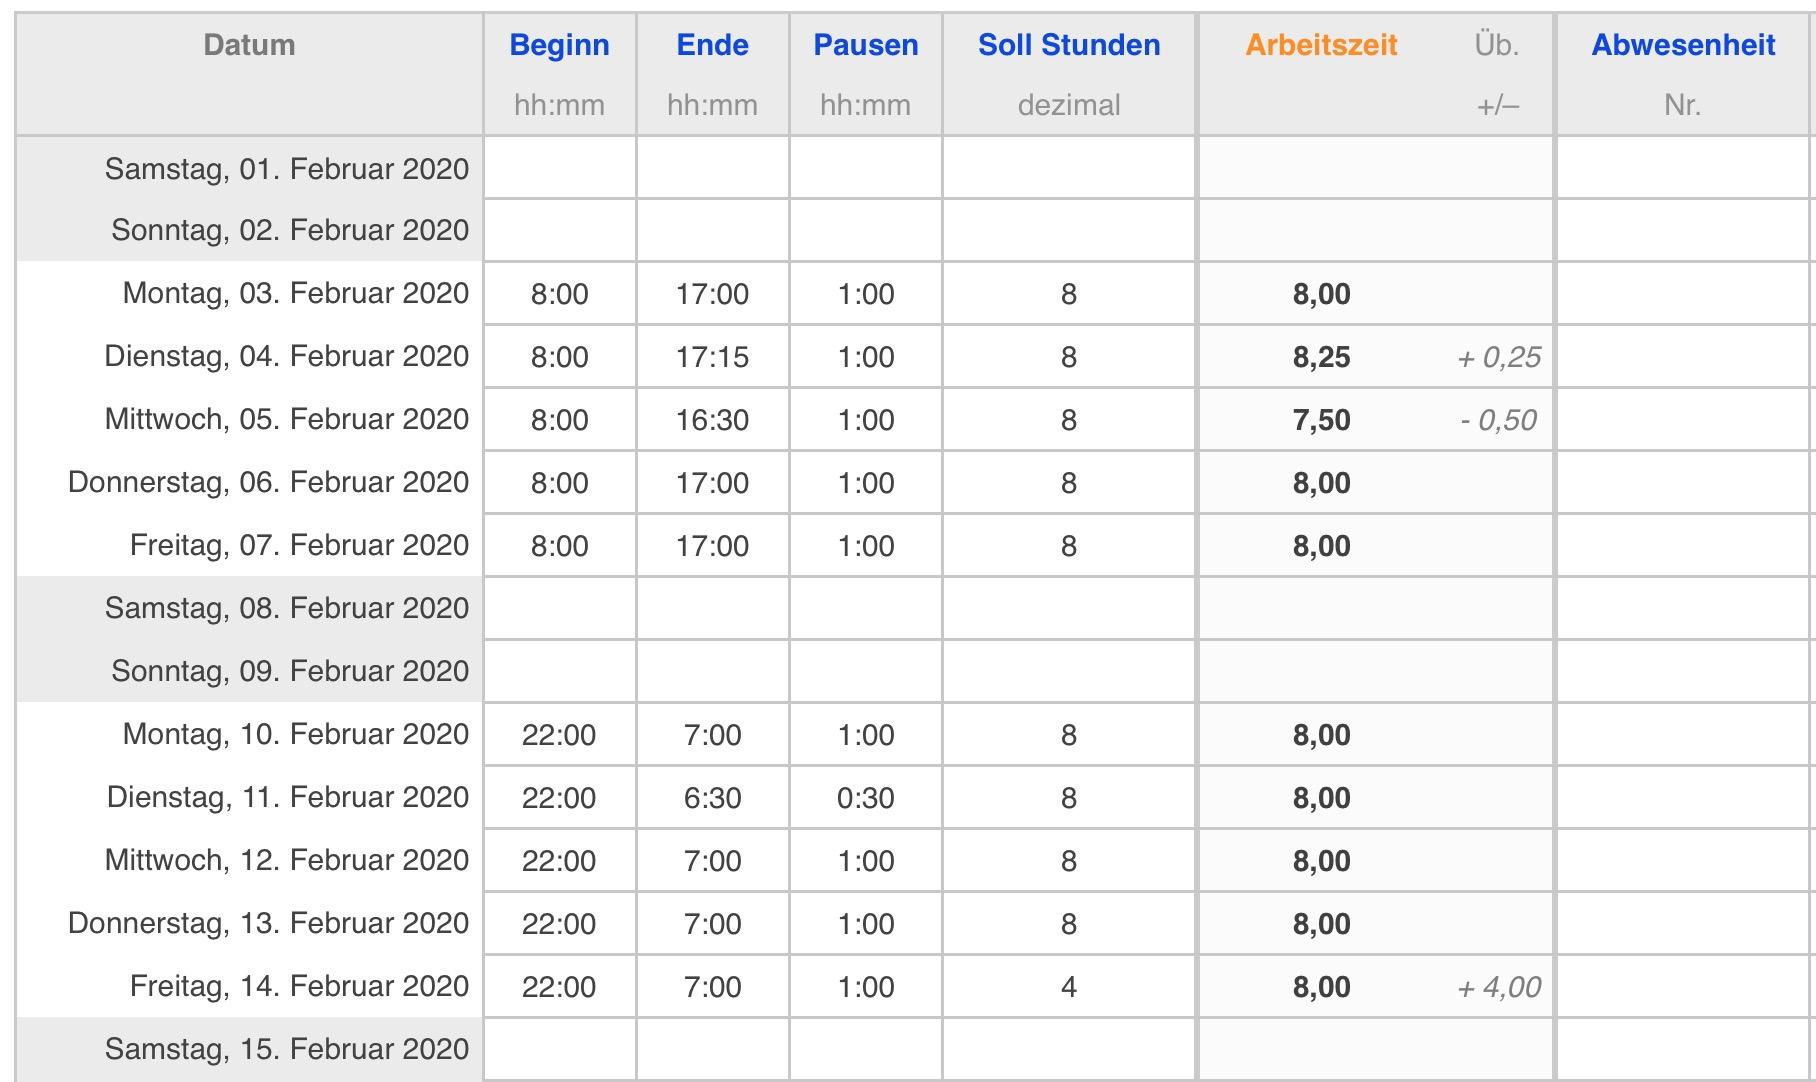 Excel Arbeitszeitnachweis Vorlagen 2020 Excel Stundenzettel 3 11